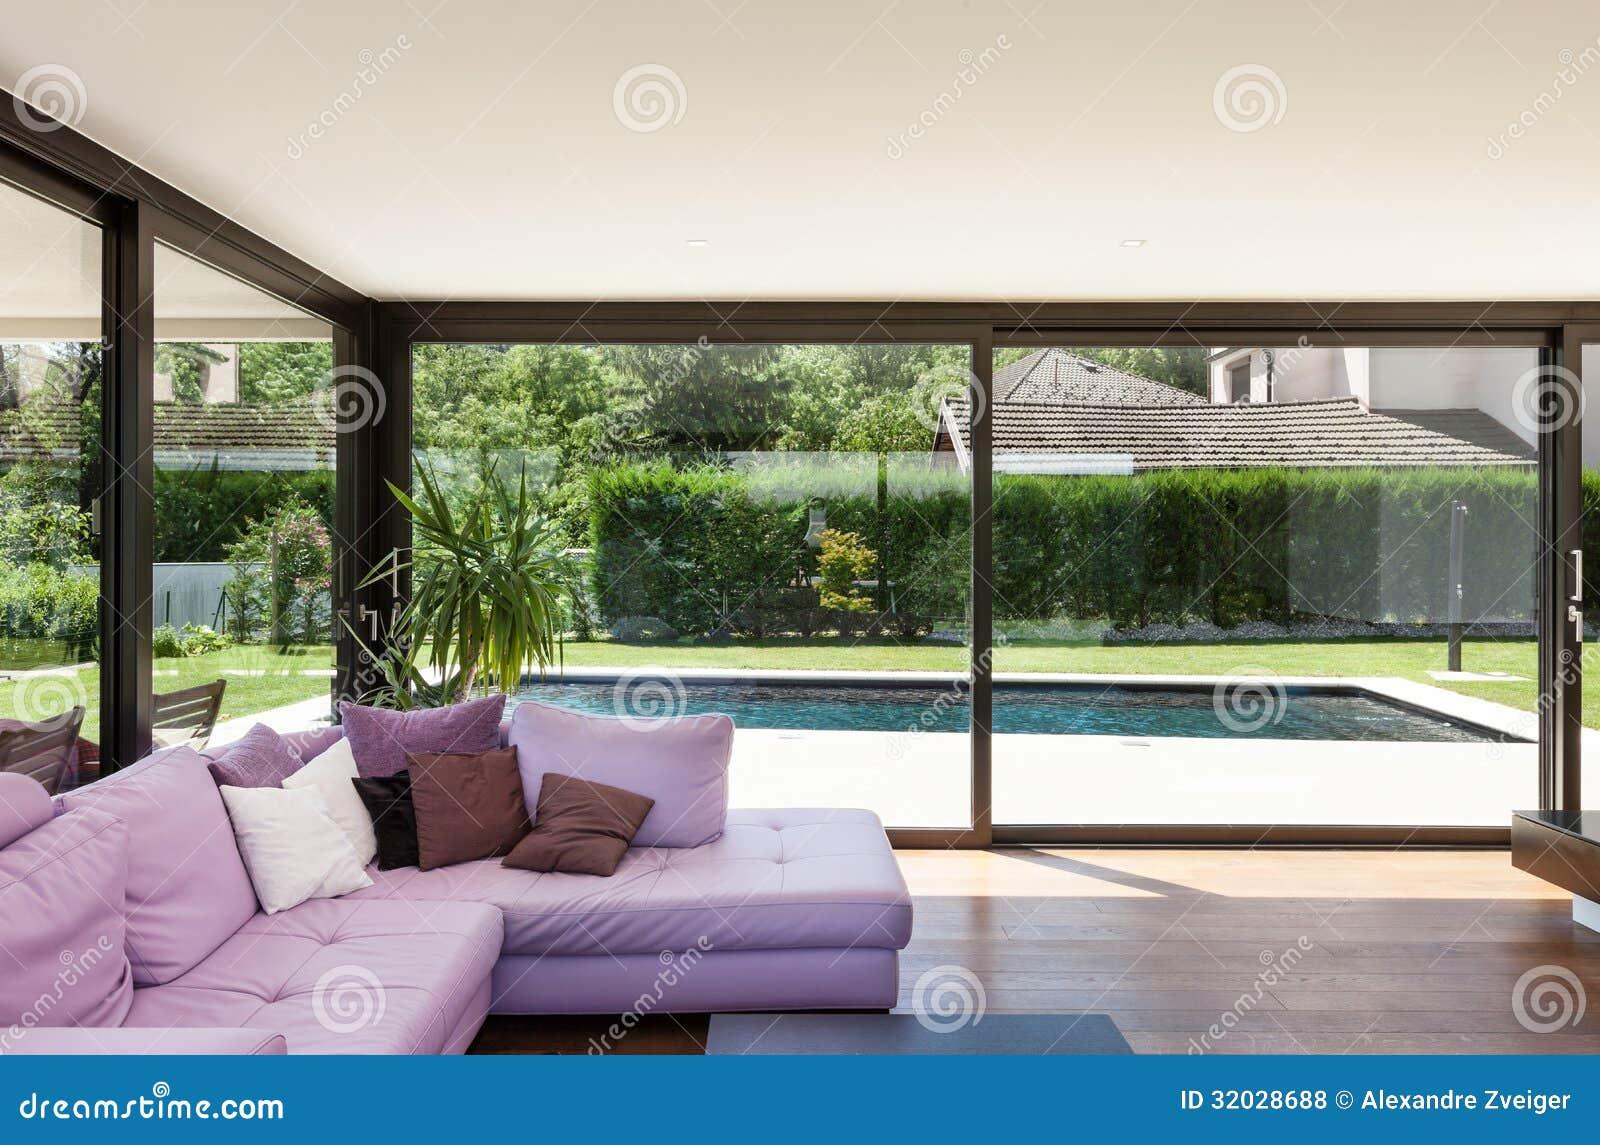 Modernes landhaus innen lizenzfreie stockfotos bild for Modernes landhaus